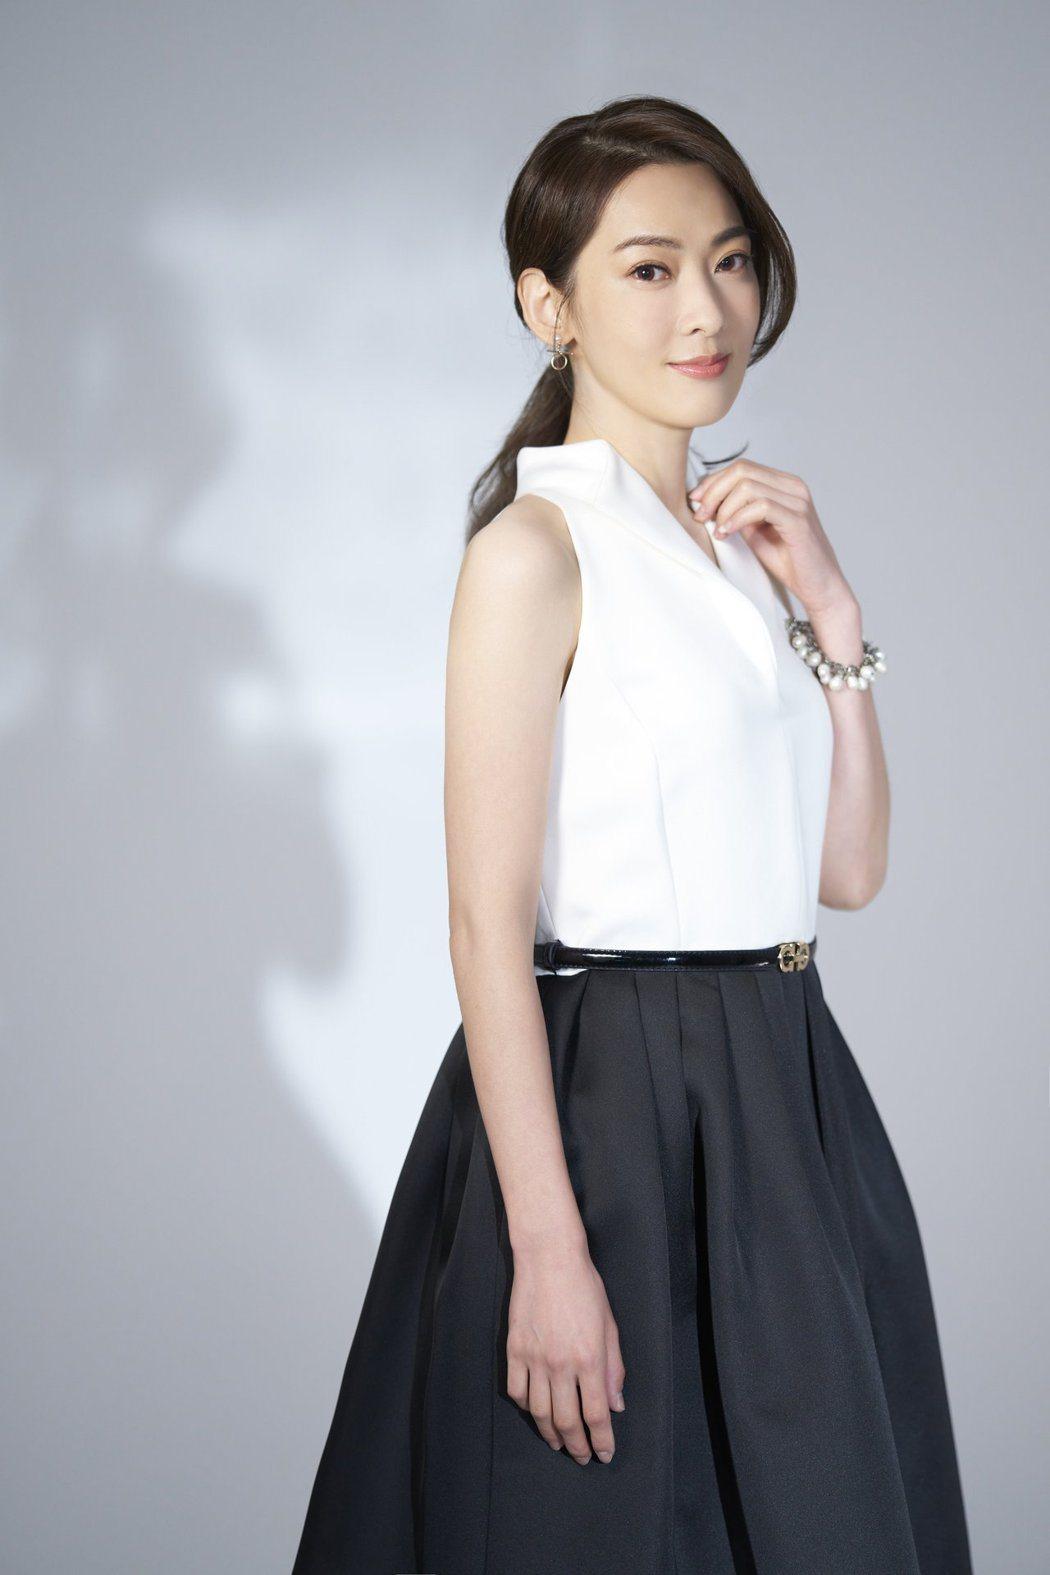 陳淑萍總帶著淺淺笑容,被粉絲讚是「仙氣歌姬」。圖/豪記唱片提供